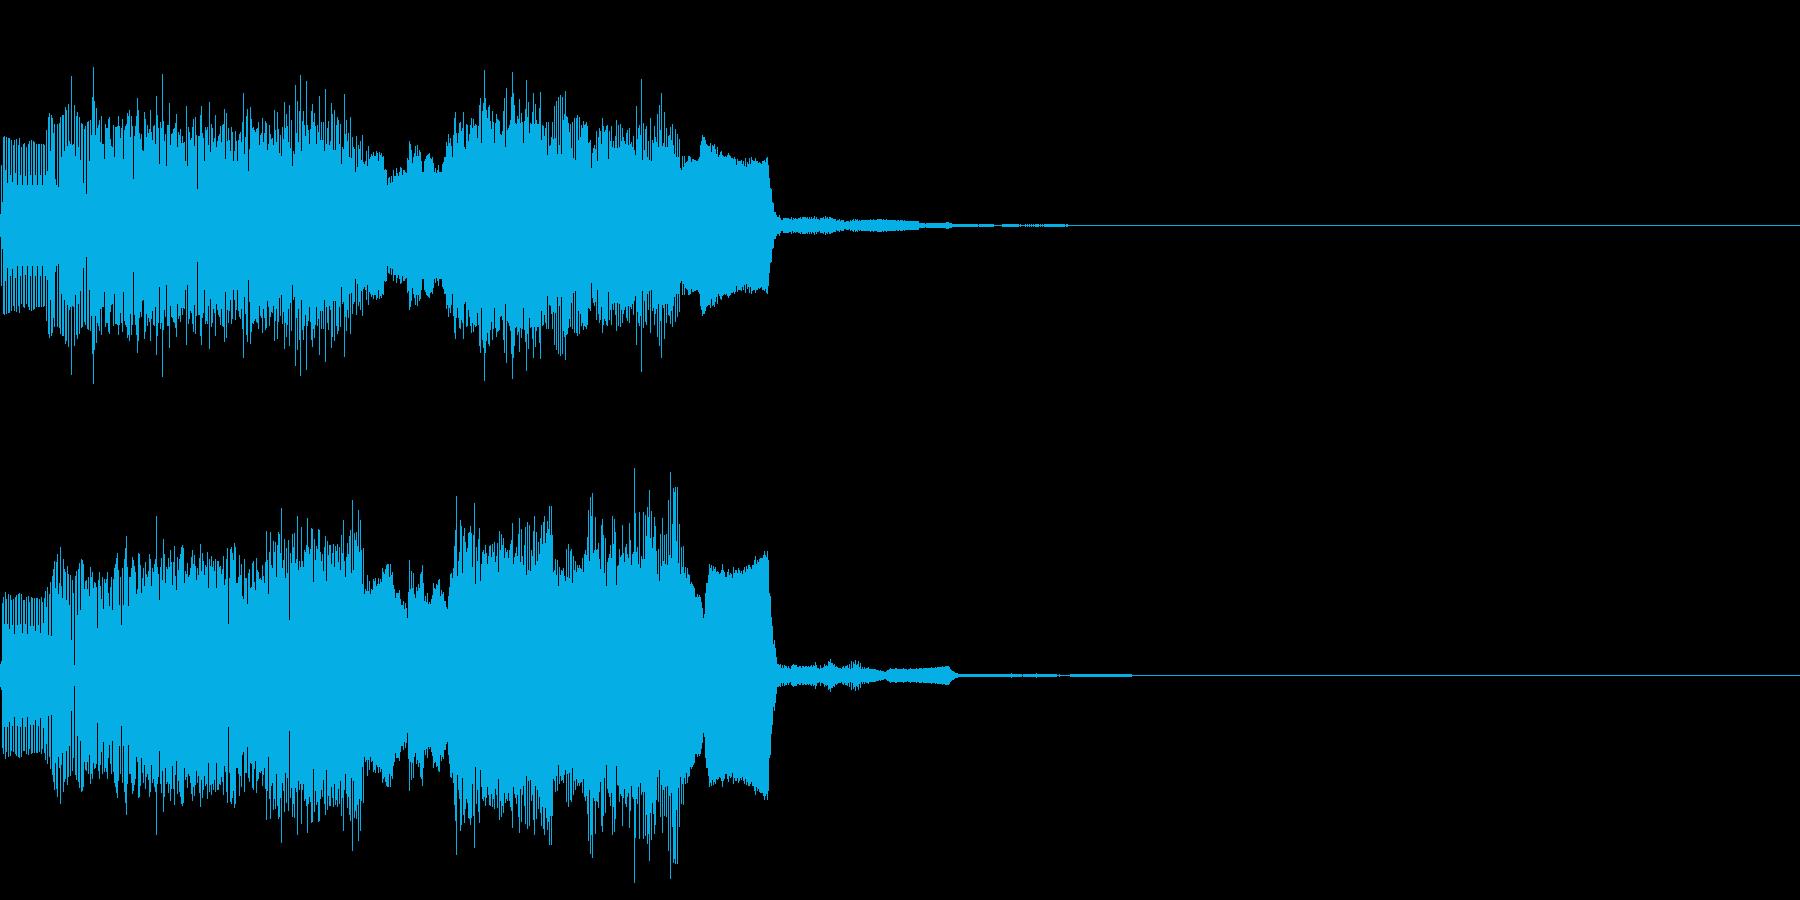 ファミコン風なパワーアップ時の効果音の再生済みの波形